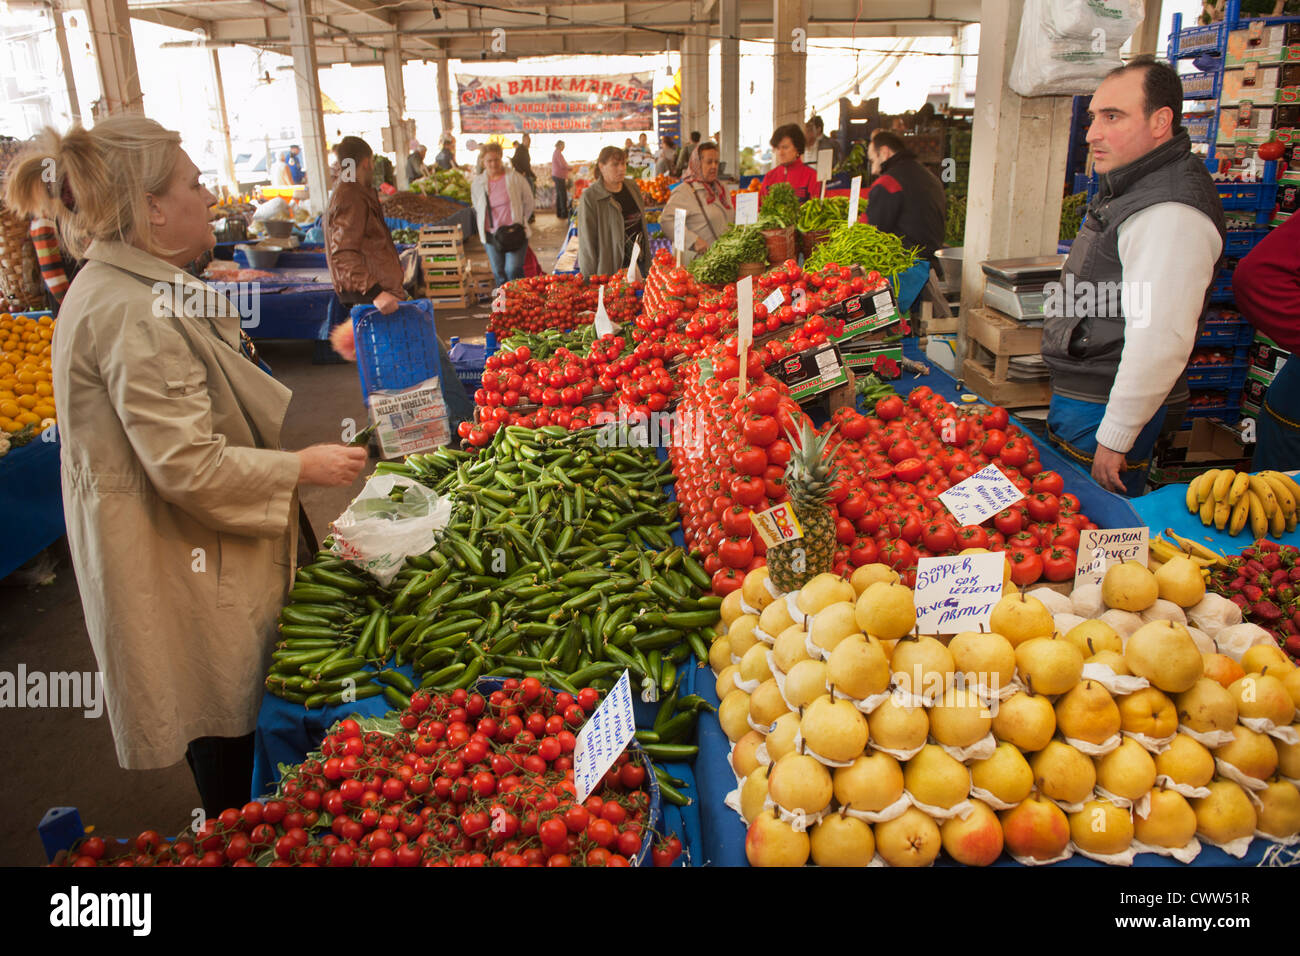 Türkei, Istanbul, Besiktas, Samstagsmarkt Abteilung Obst und Gemüse - Stock Image